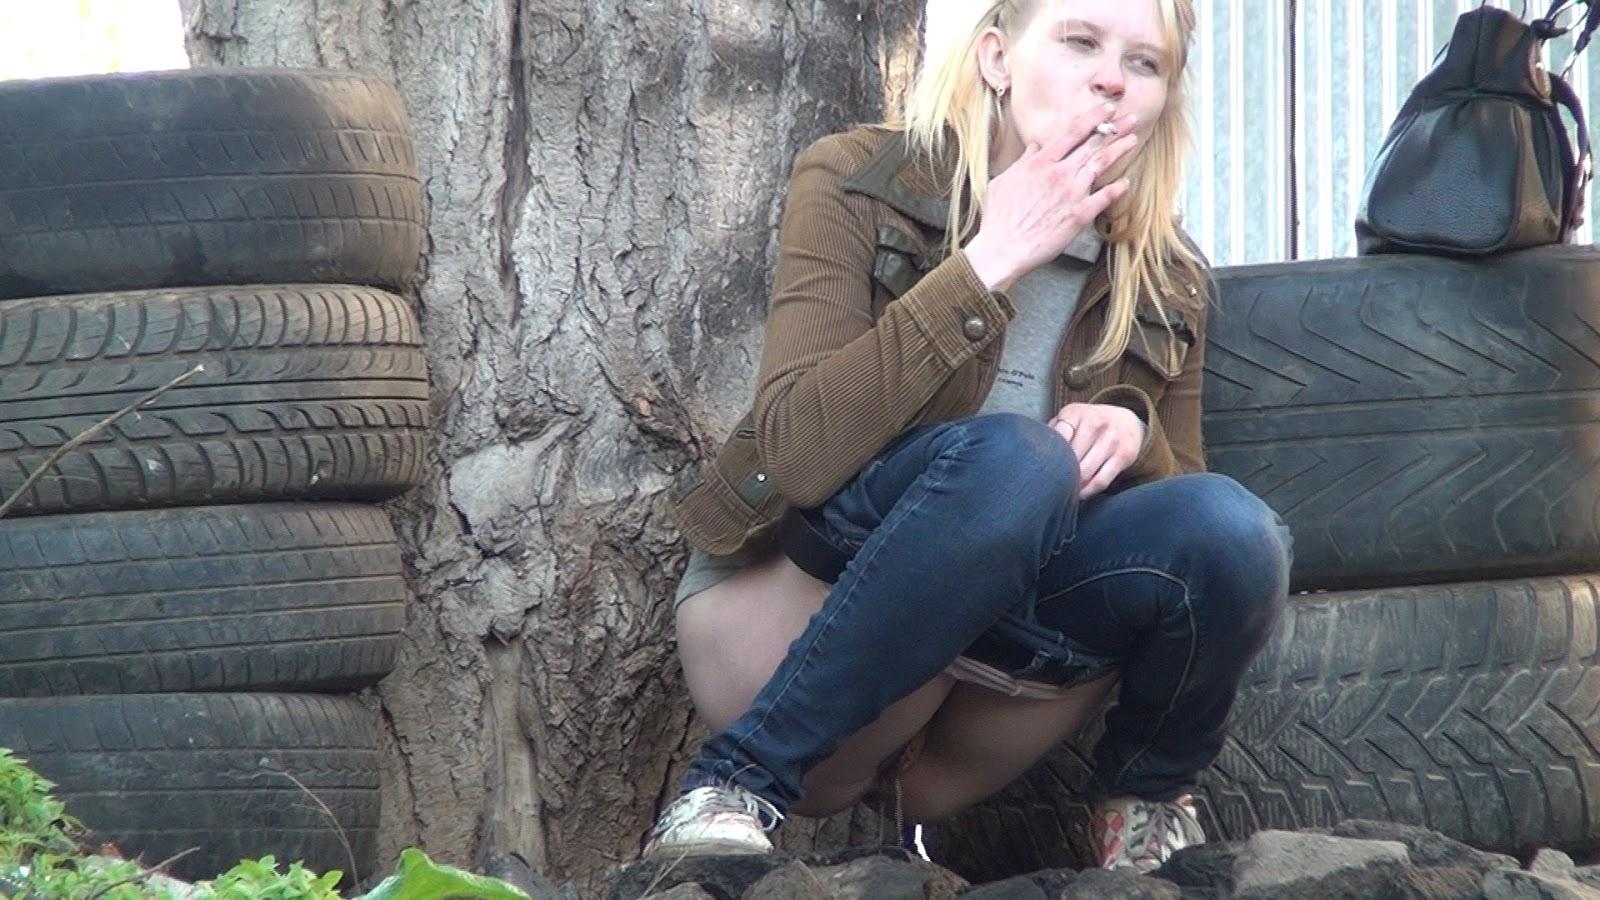 Девушка писает в рот девушке фото 29